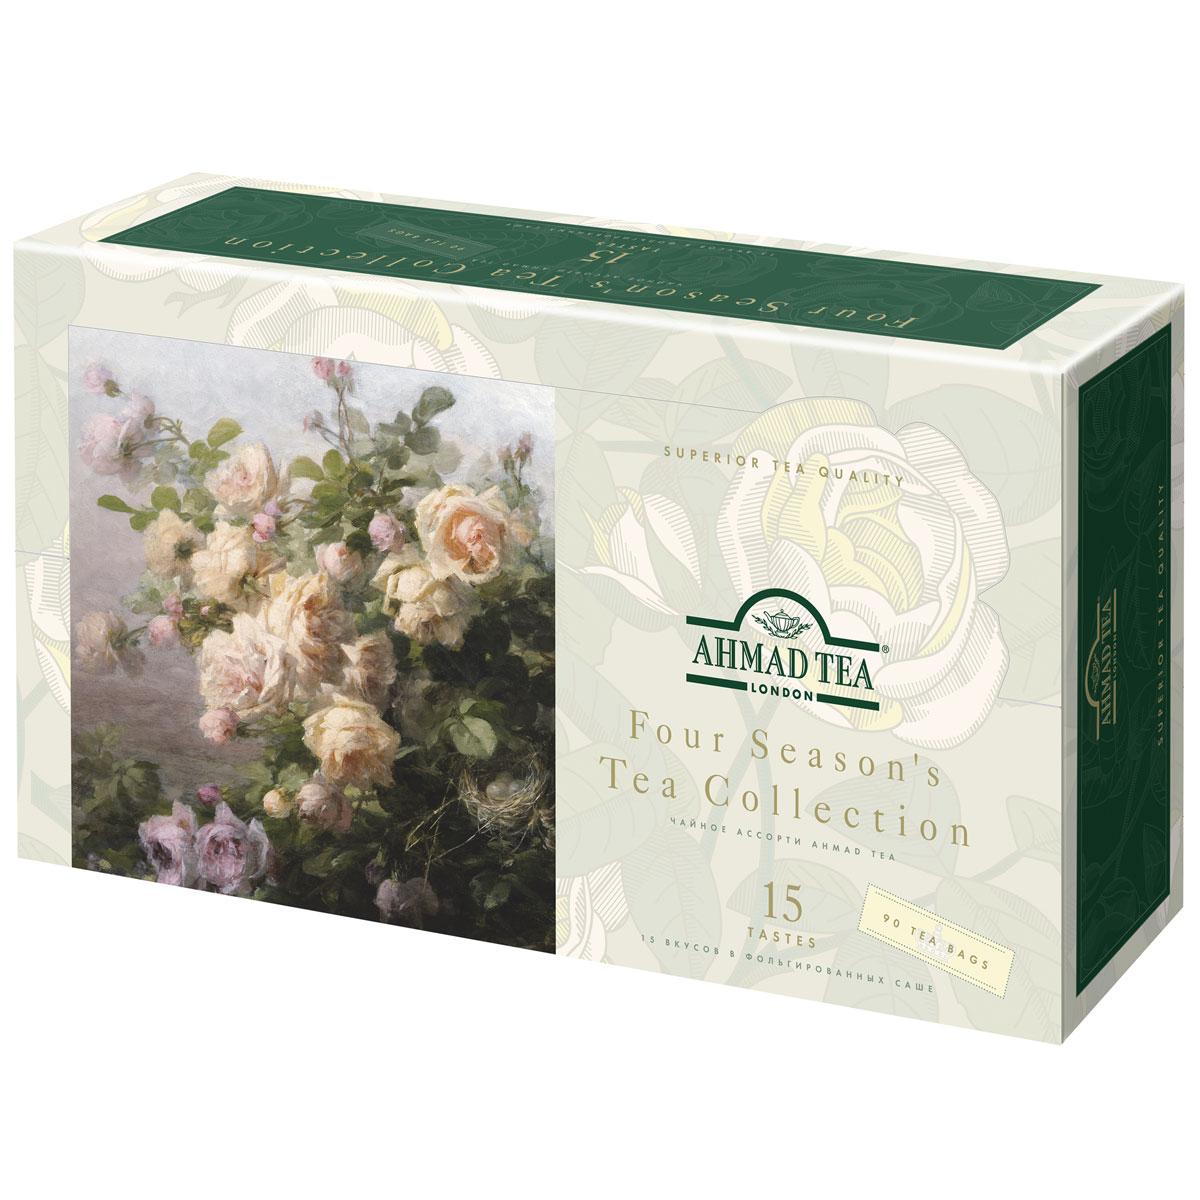 Подарочный набор Ahmad Tea Four Seasons 15 вкусов, 90 шт0120710Самые разнообразные вкусы подобраны как гардероб грамотного шопоголика - на все случаи и все оттенки настроения. Несомненный будущий must have модного чаепития составили представители коллекций Healthy&Tasty, Contemporary и Классической.Каждый пакетик чая упакован в фольгированное саше, сохраняющее аромат и все лучшие качества напитка, будь то нежный чернослив Winter Prune или уникальный Strawberry Cream черный чай со вкусом клубники и сливок.